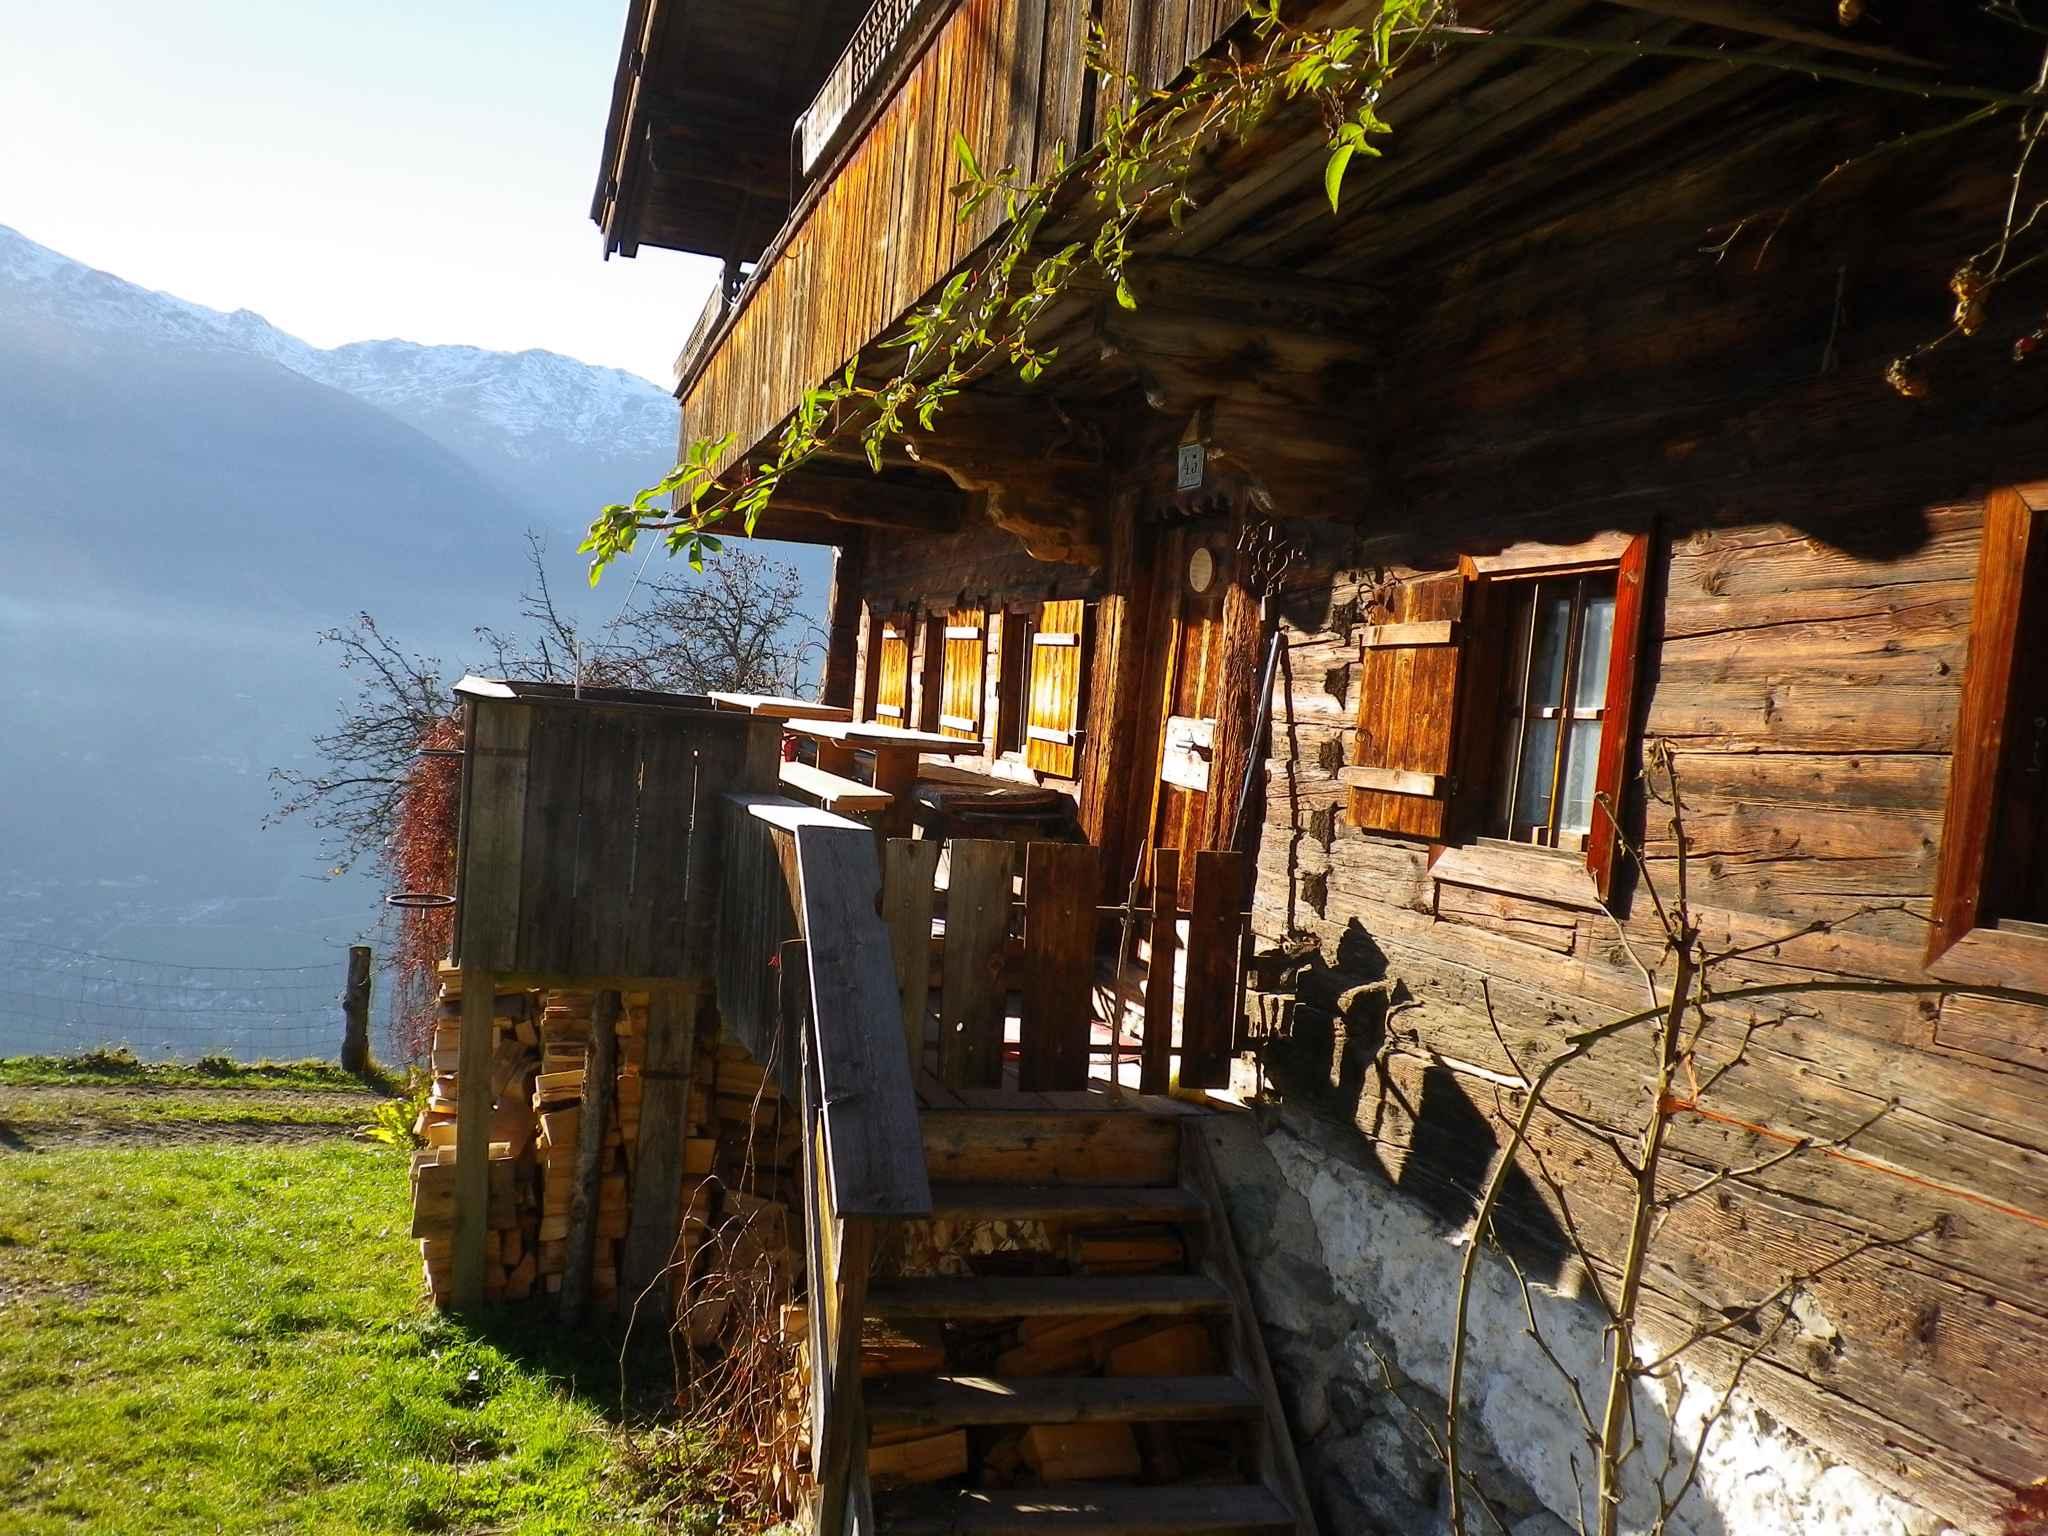 Ferienhaus traditionelles Bauernhaus mit Panorama (283766), Stummerberg, Zillertal, Tirol, Österreich, Bild 2